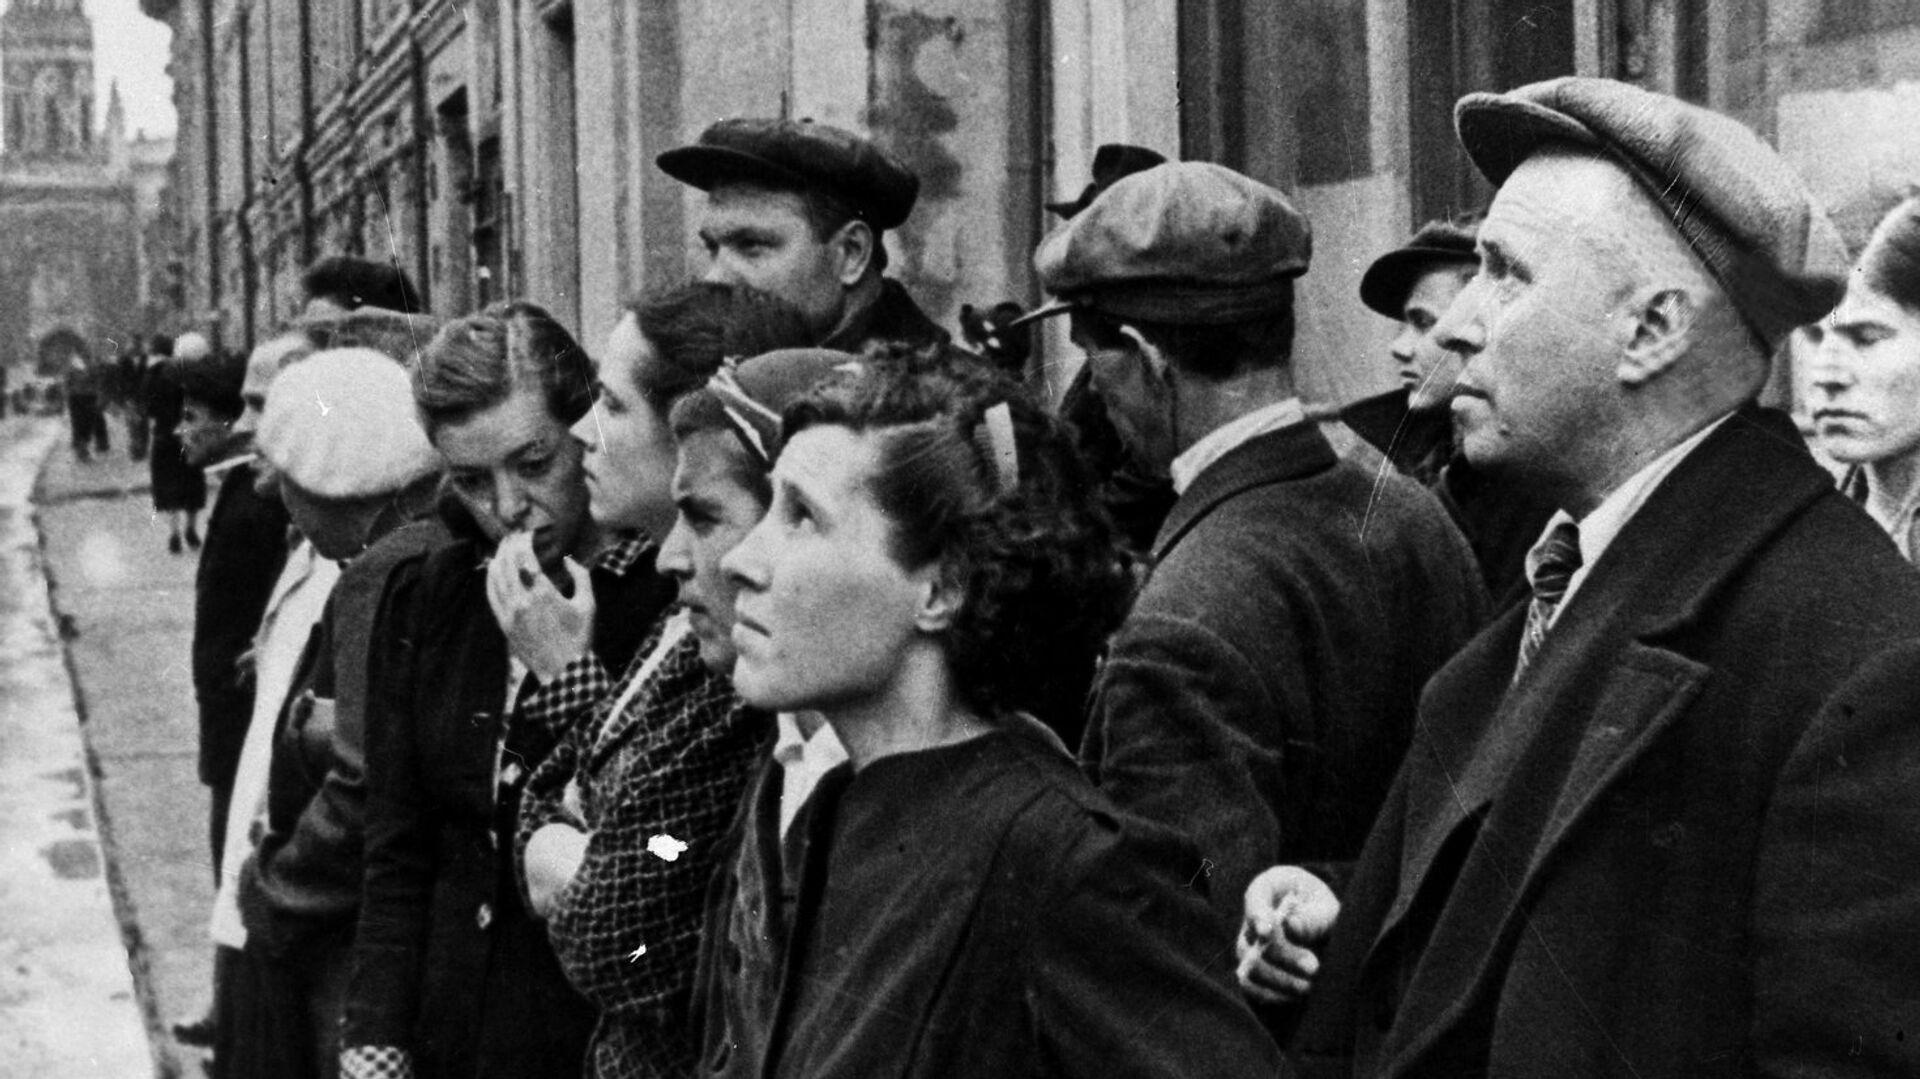 La Gran Guerra Patria 1941-1945. Los moscovitas escuchan el comunicado del gobierno sobre la invasión de la Alemania Nazi el 22 de junio de 1941. - Sputnik Mundo, 1920, 23.06.2021